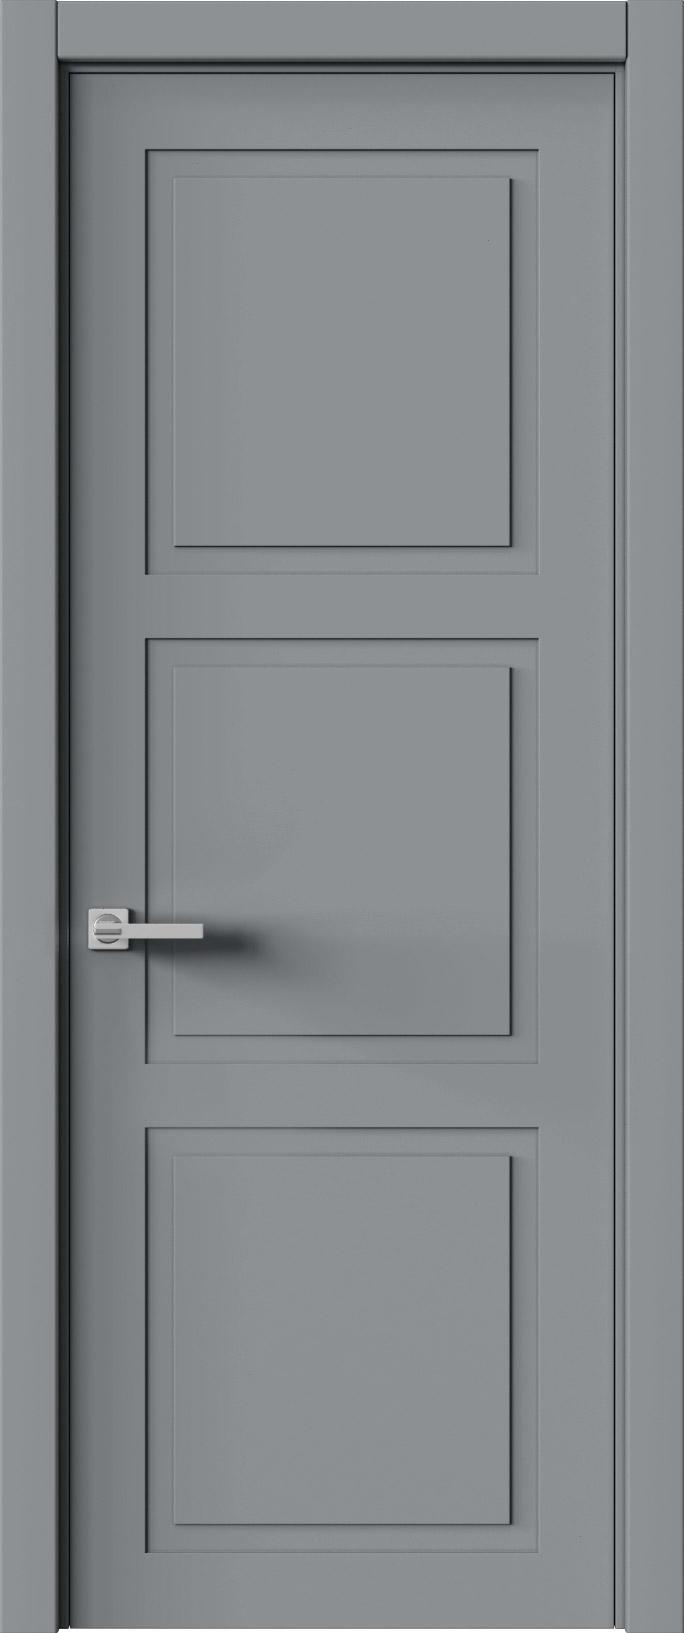 Tivoli Л-5 цвет - Серебристо-серая эмаль (RAL 7045) Без стекла (ДГ)